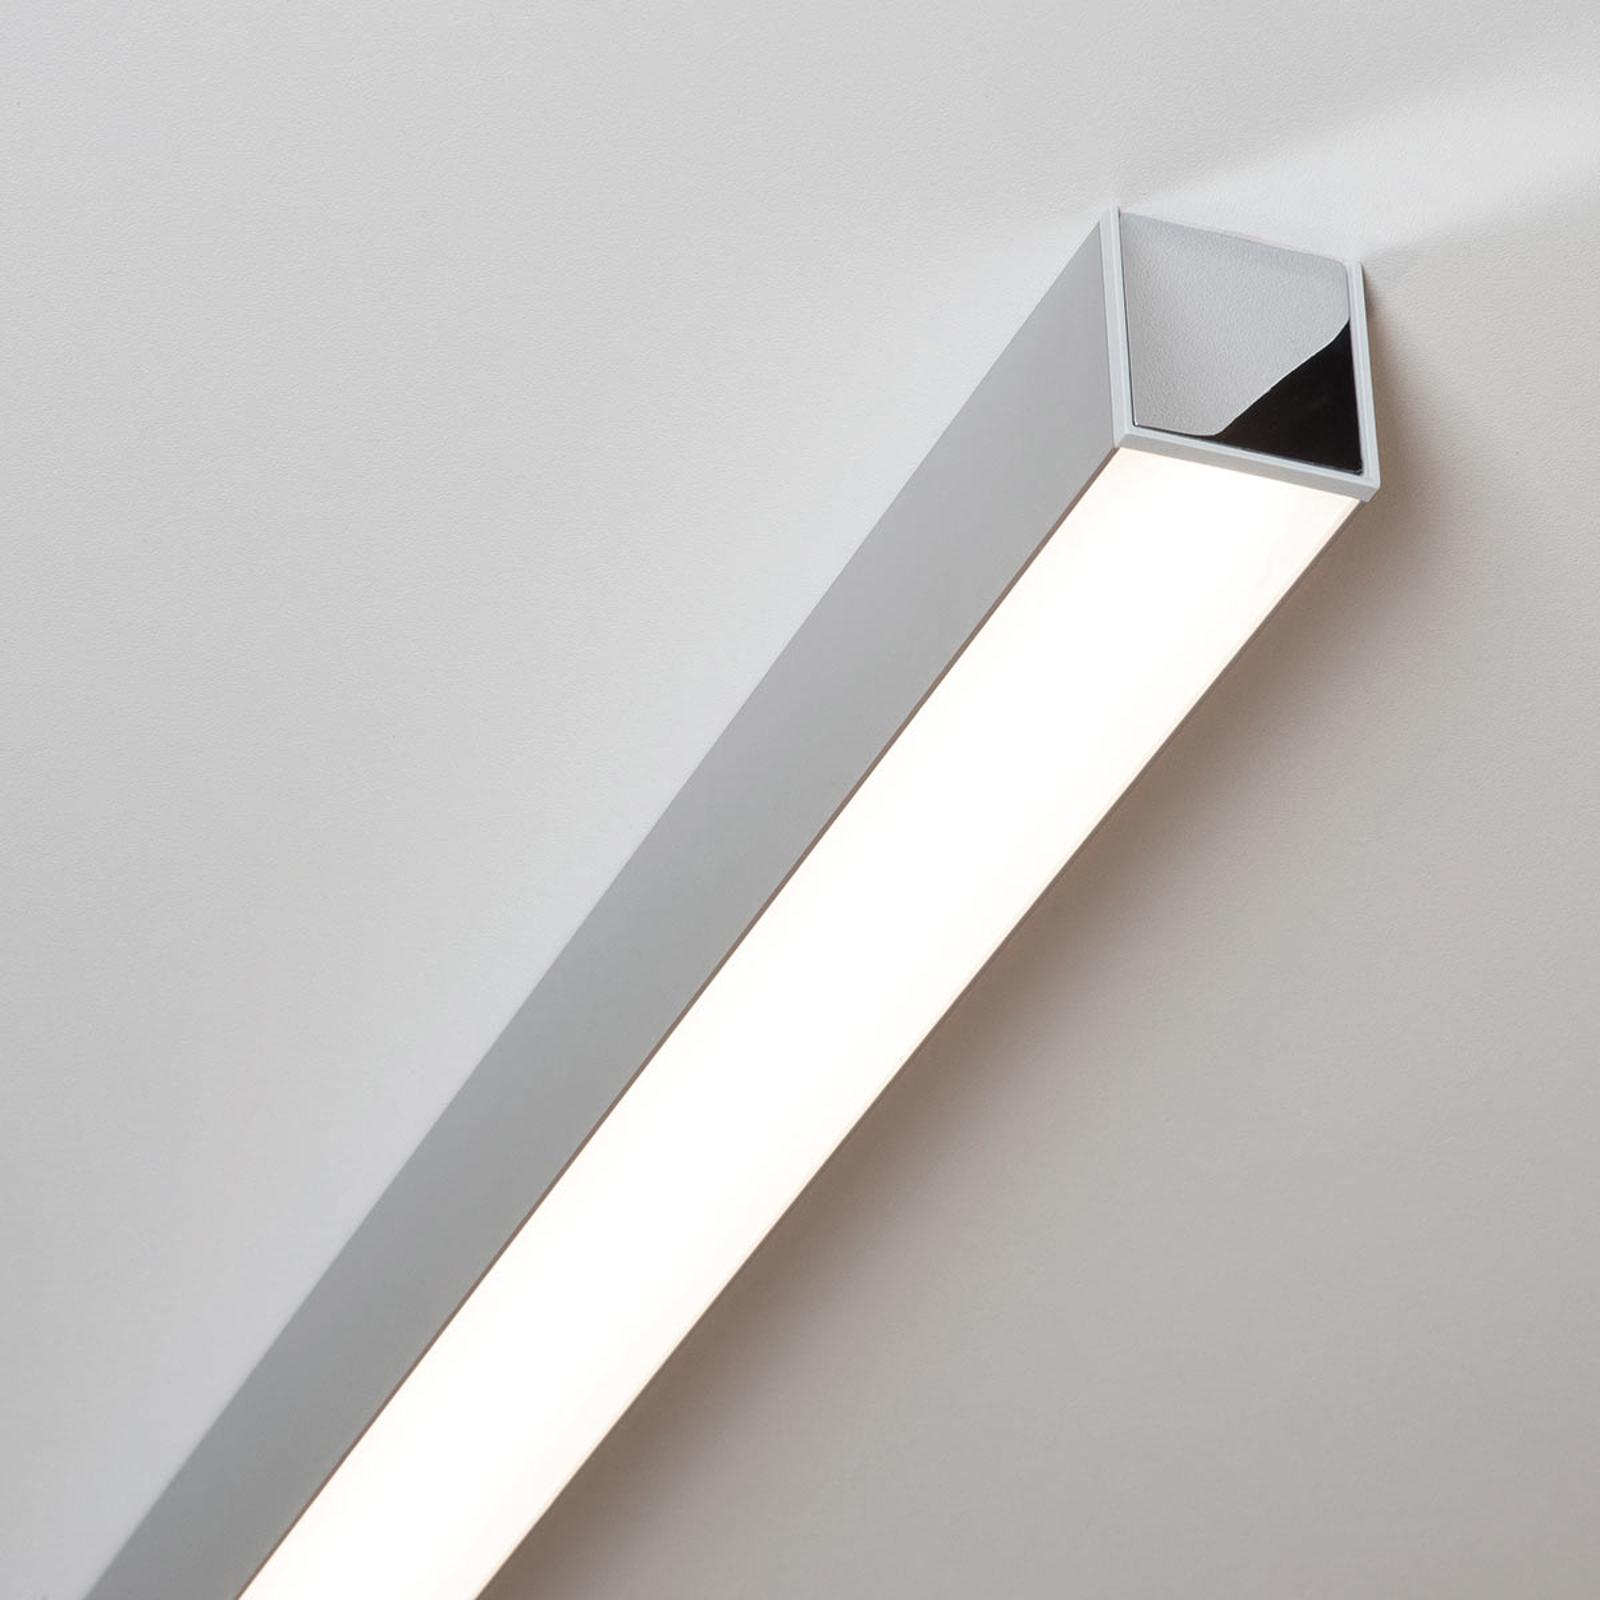 Plafonnier LED Ride 57,7 cm, aluminium anodisé